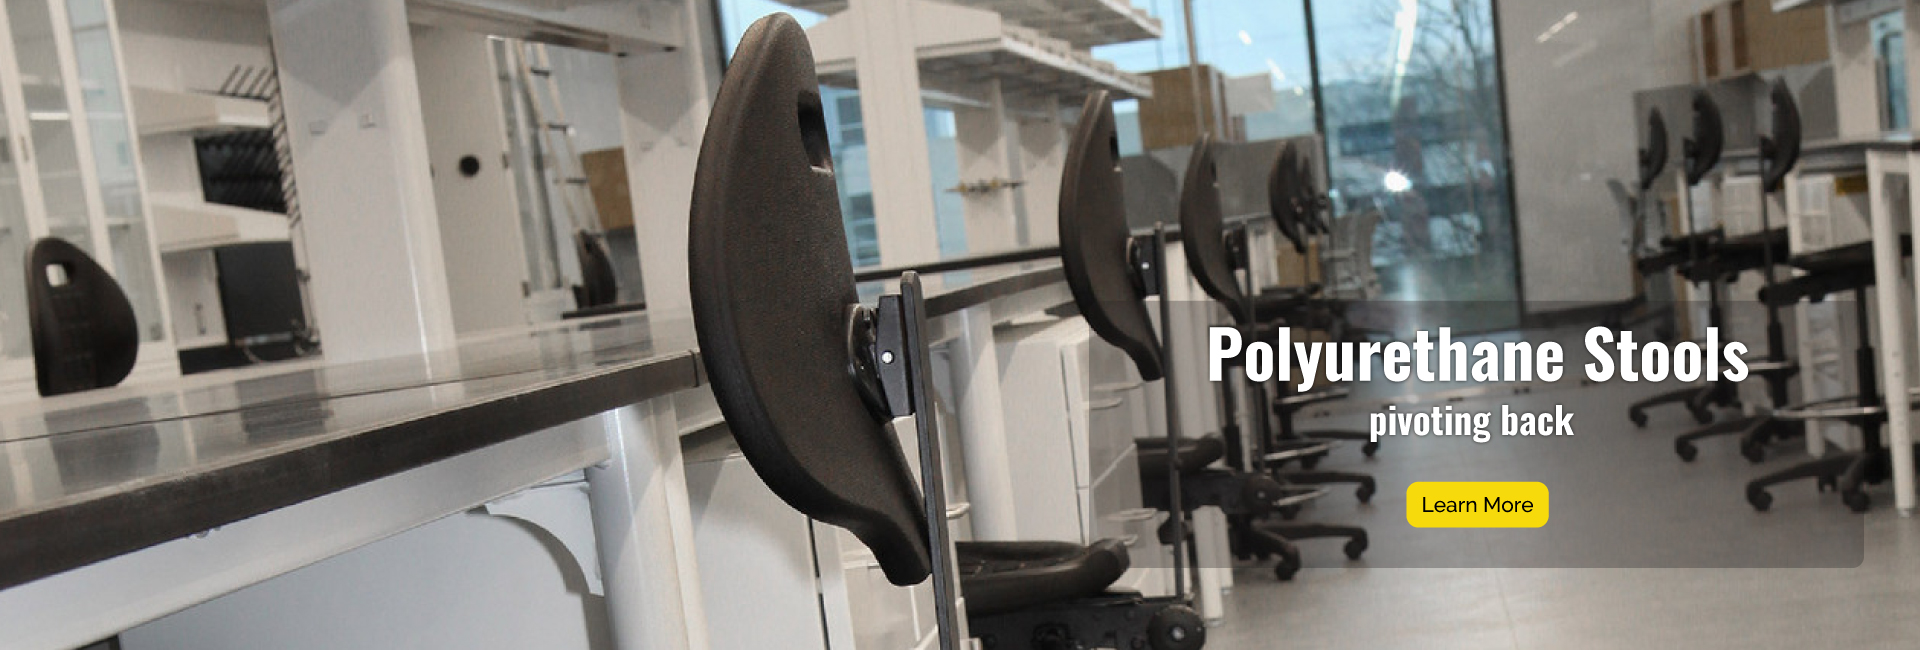 Polyrurethane Stools have pivoting back